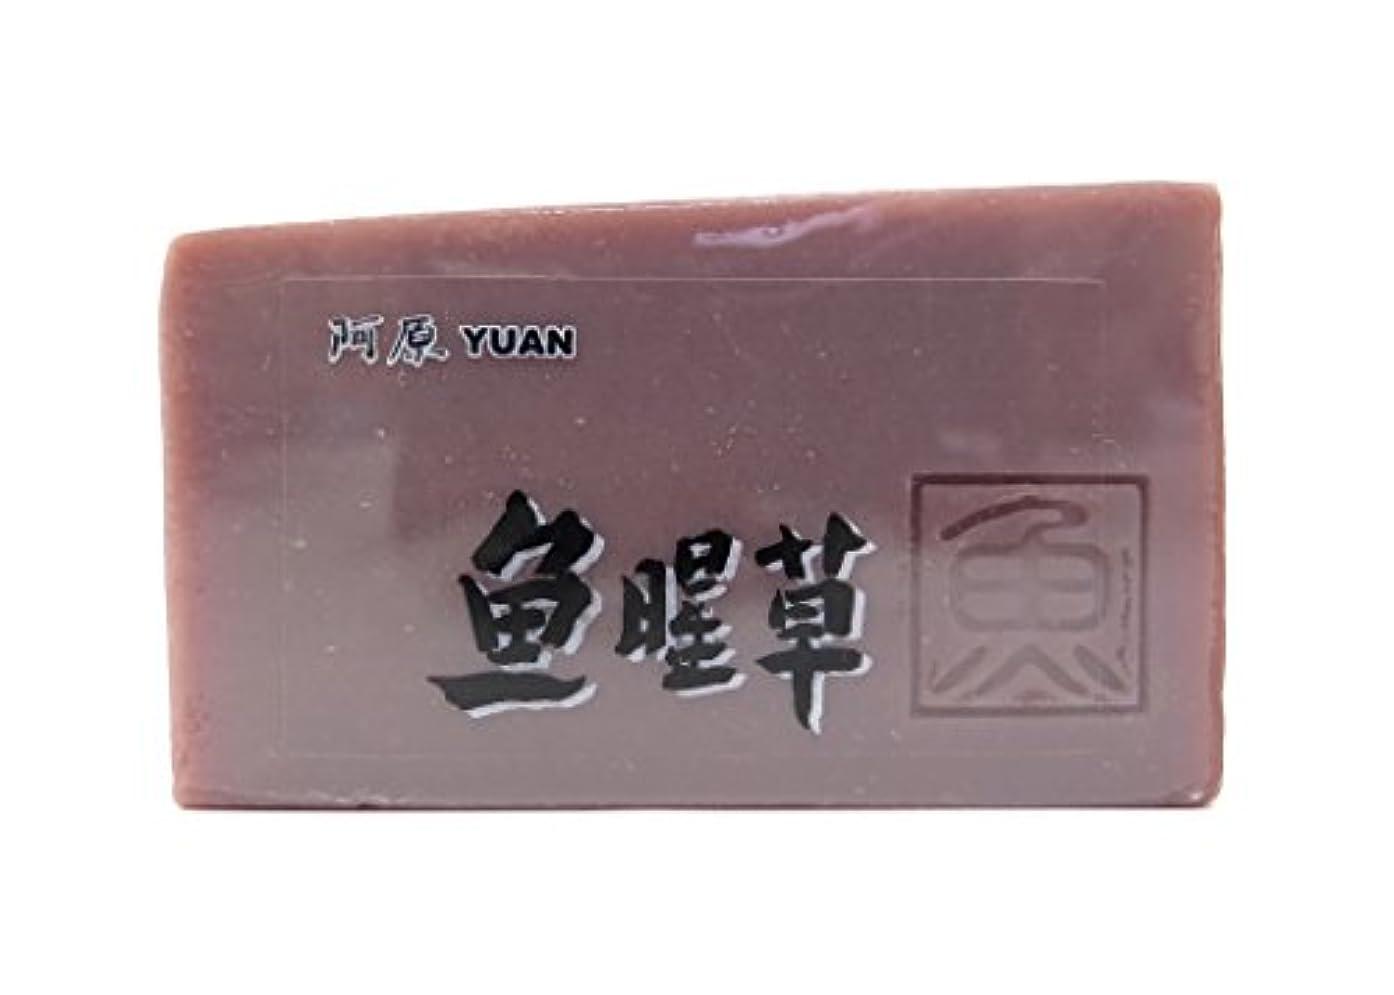 穿孔するエチケットなめるユアン(YUAN) ドクダミソープ 固形 100g (阿原 ユアンソープ)